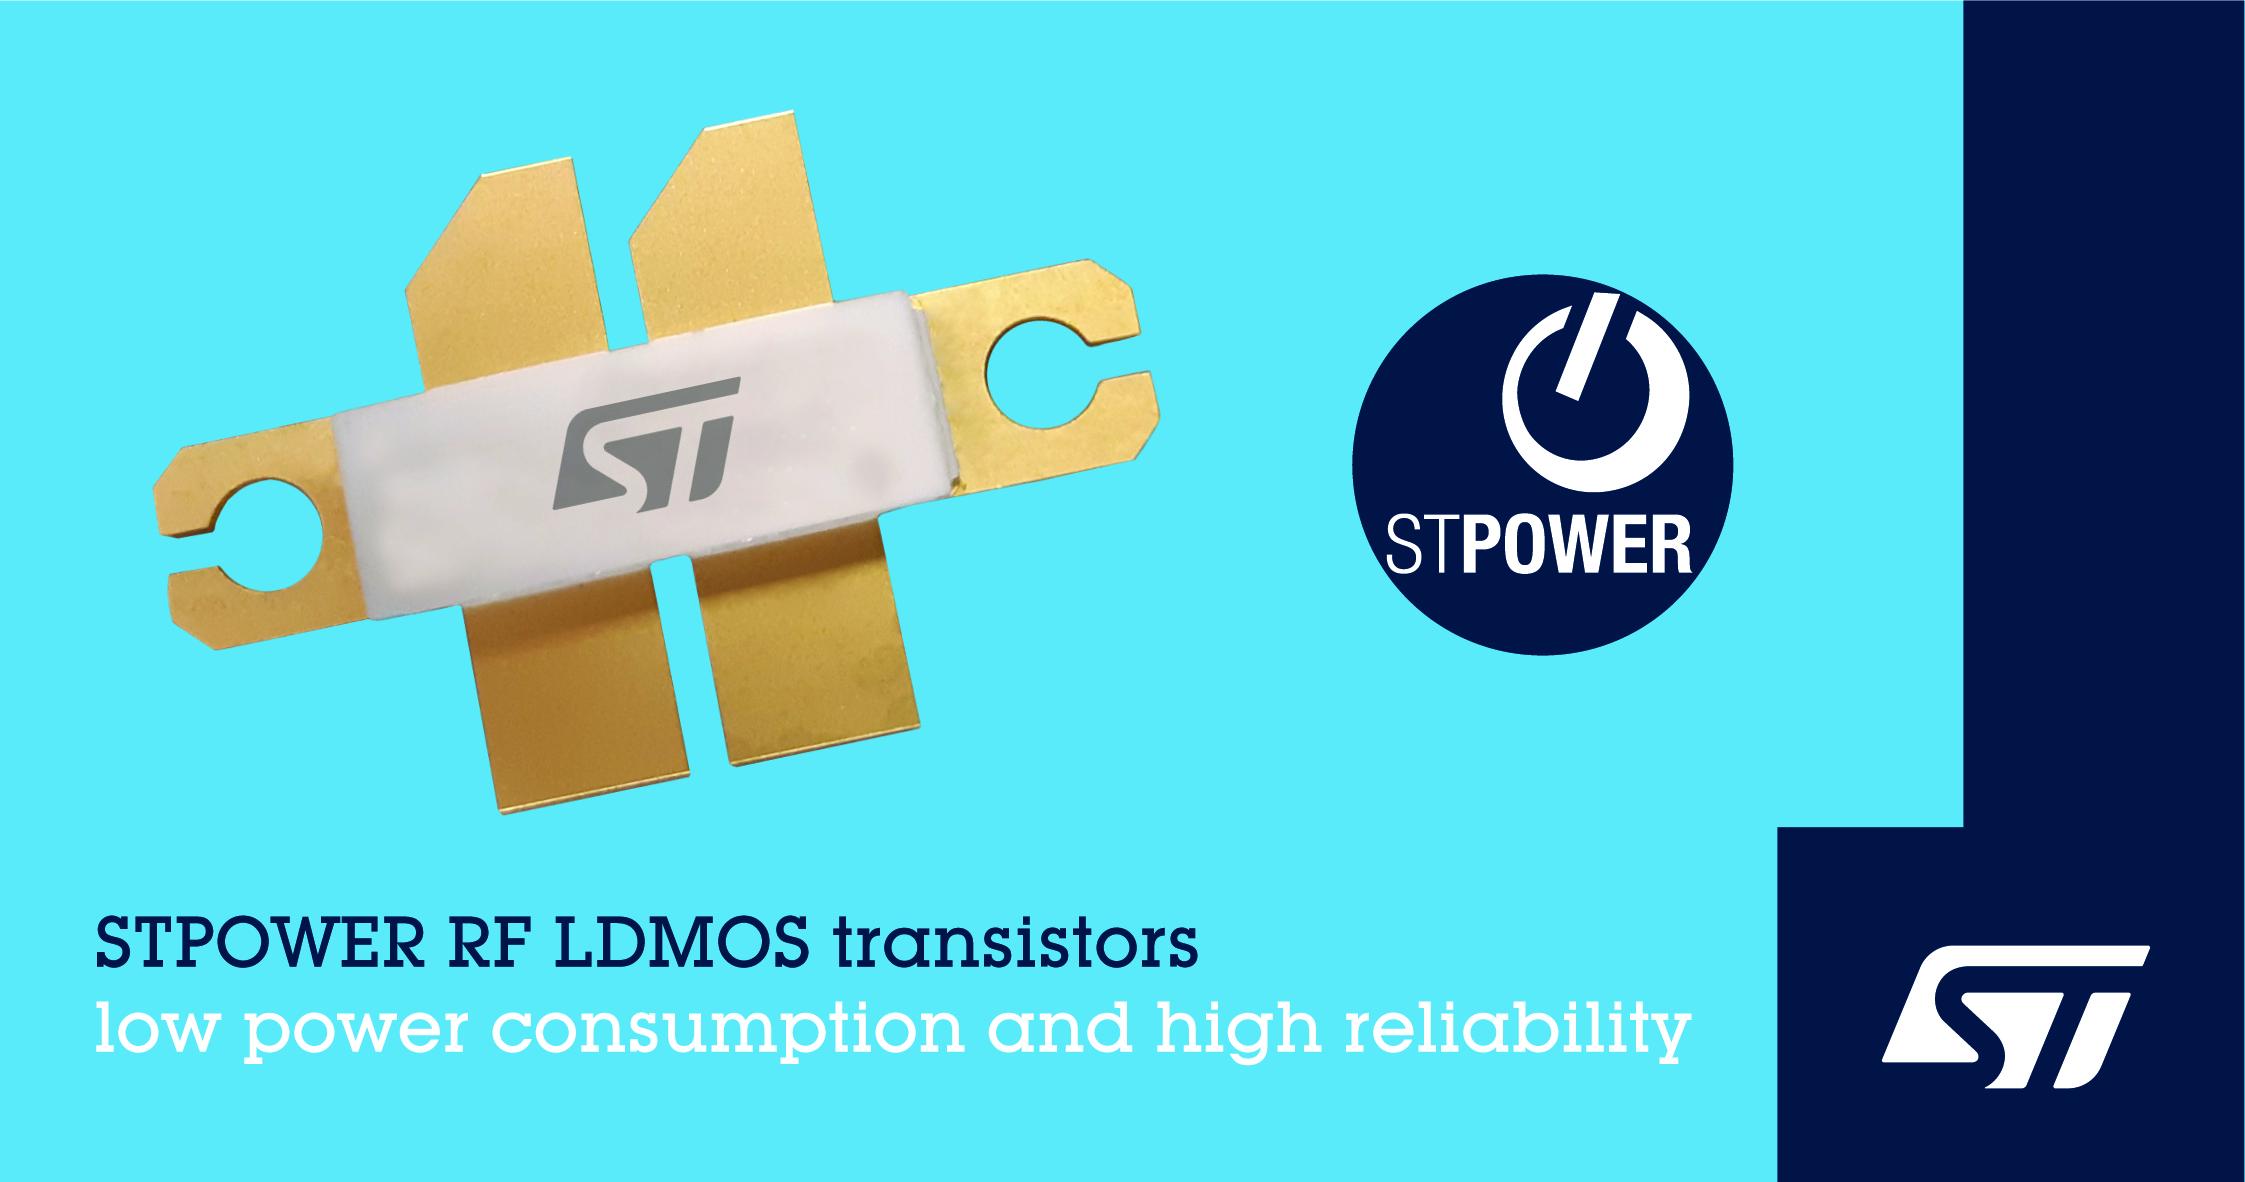 ST新聞稿2021年8月13日——意法半導體推出新的射頻LDMOS功率晶體管 r1.jpg